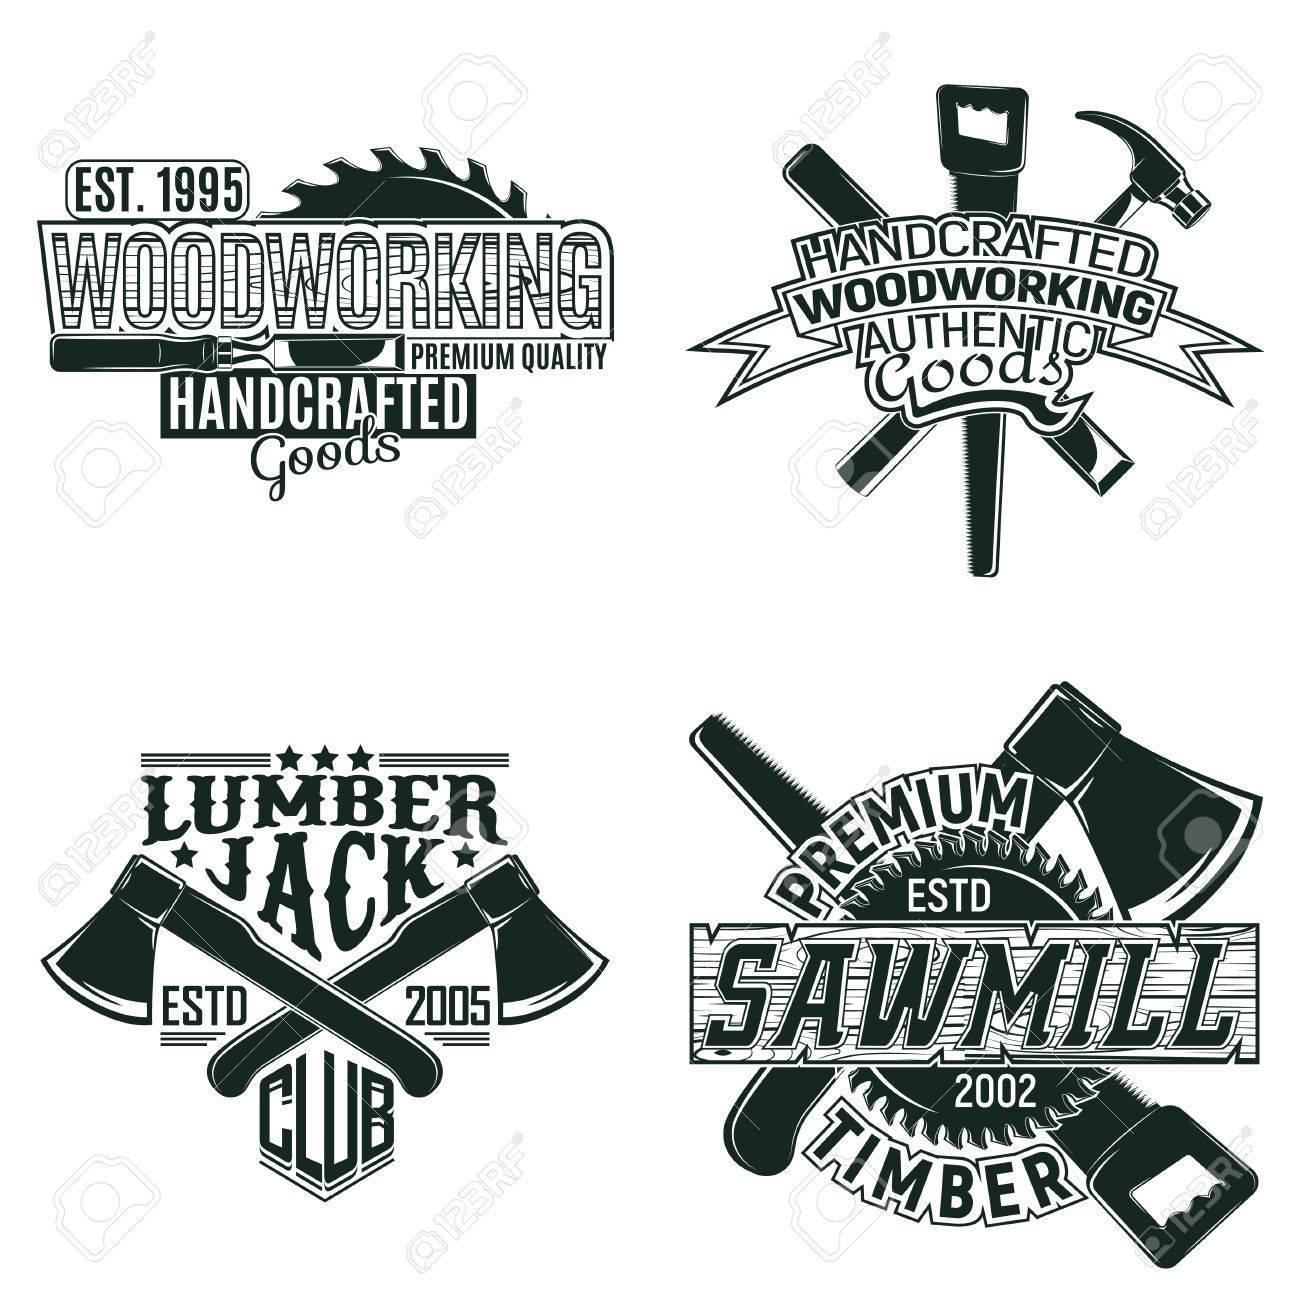 Set of Vintage woodworking logo designs, grunge print stamps,